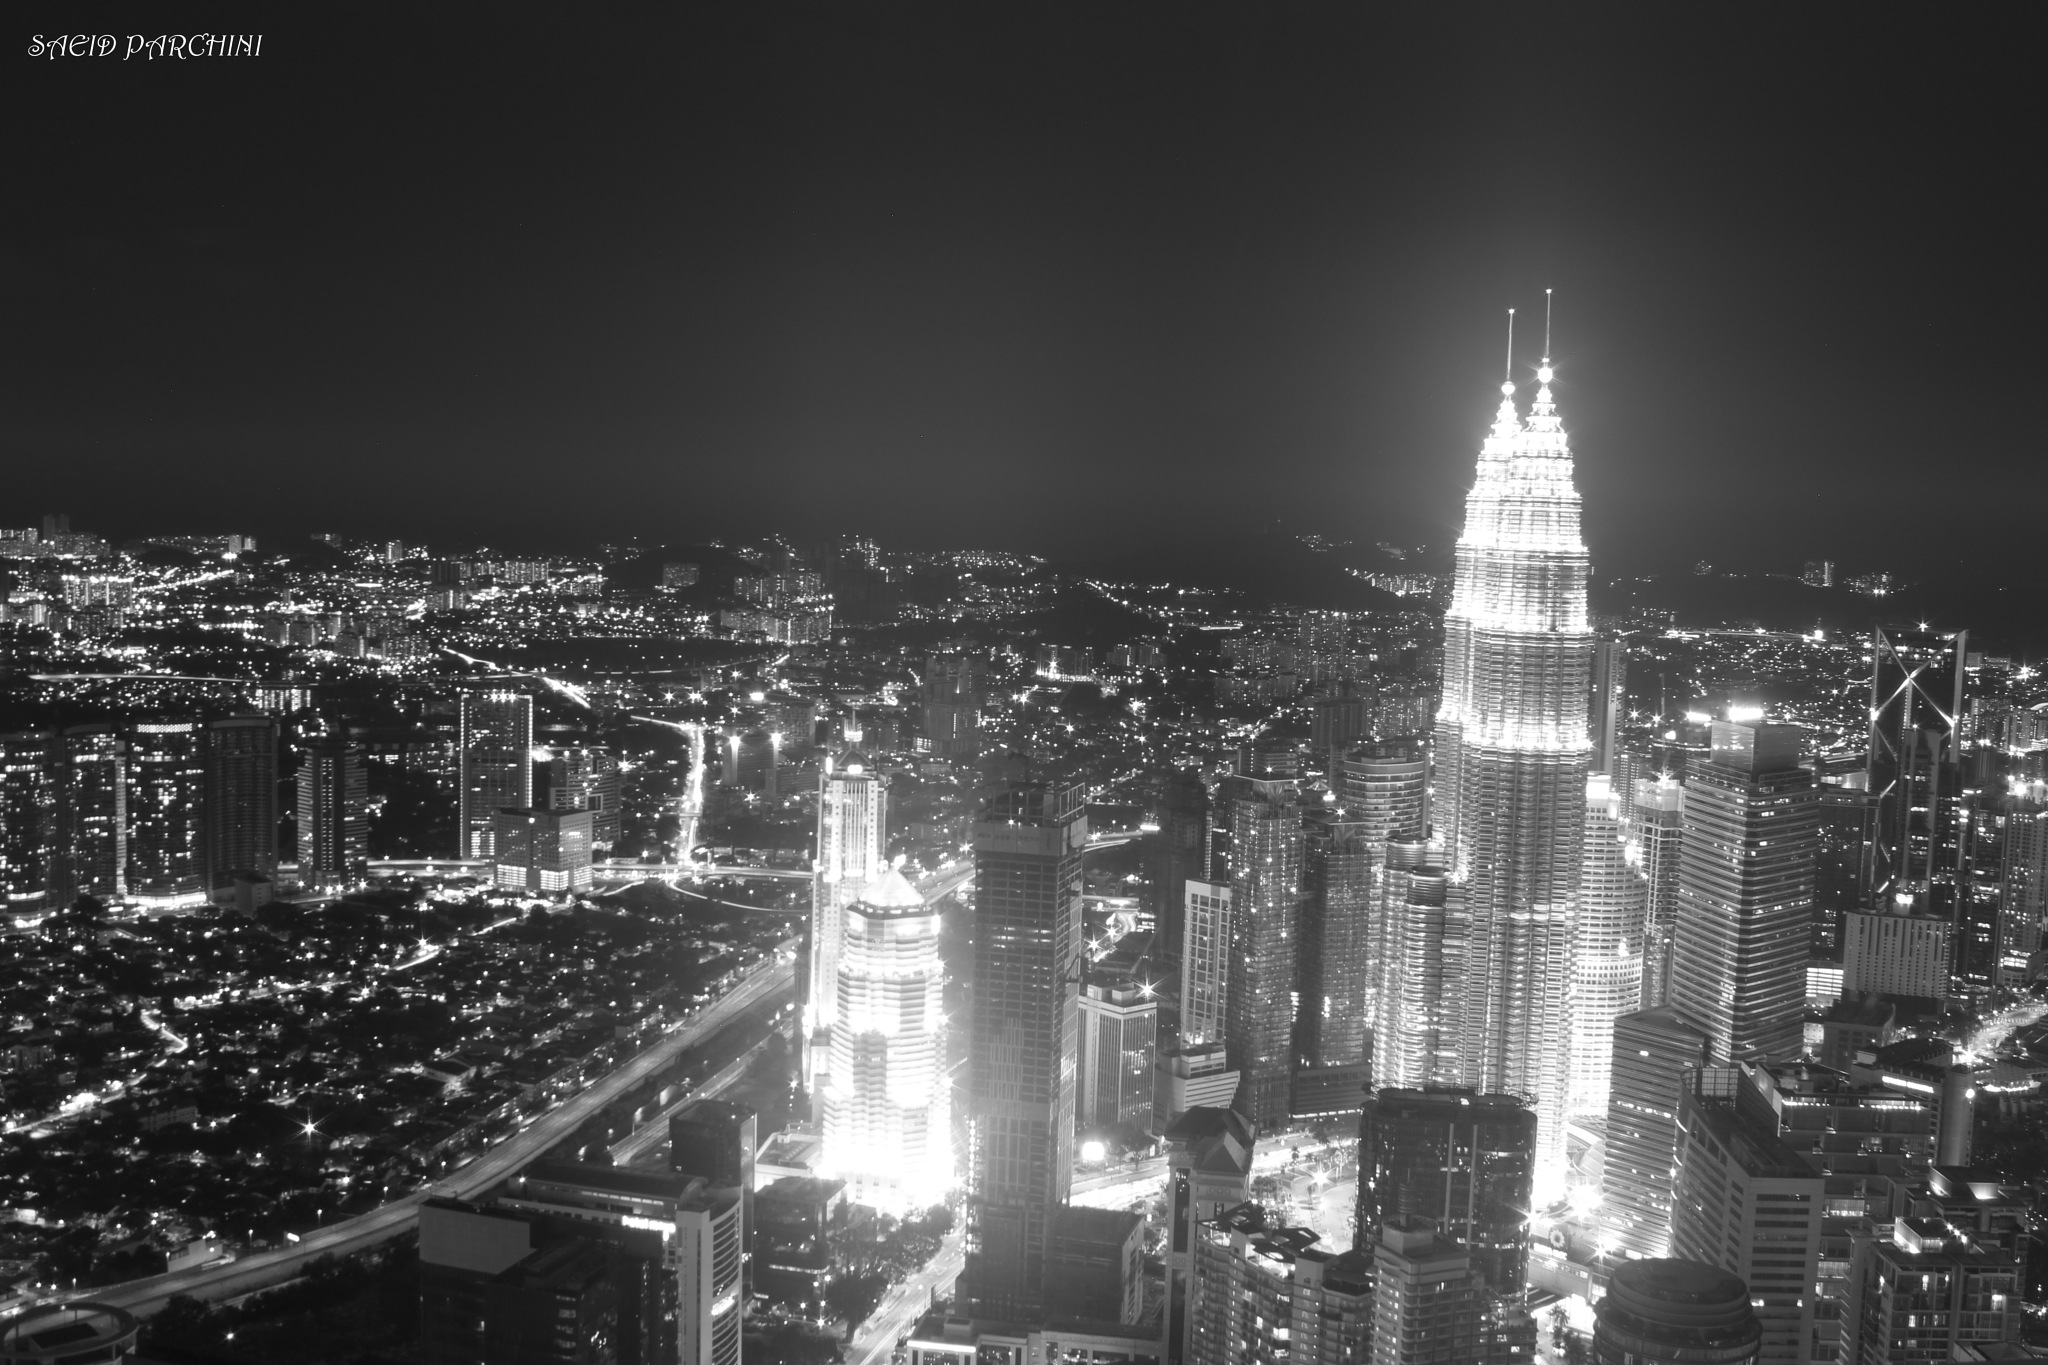 Kuala Lumpur by saeid parchini